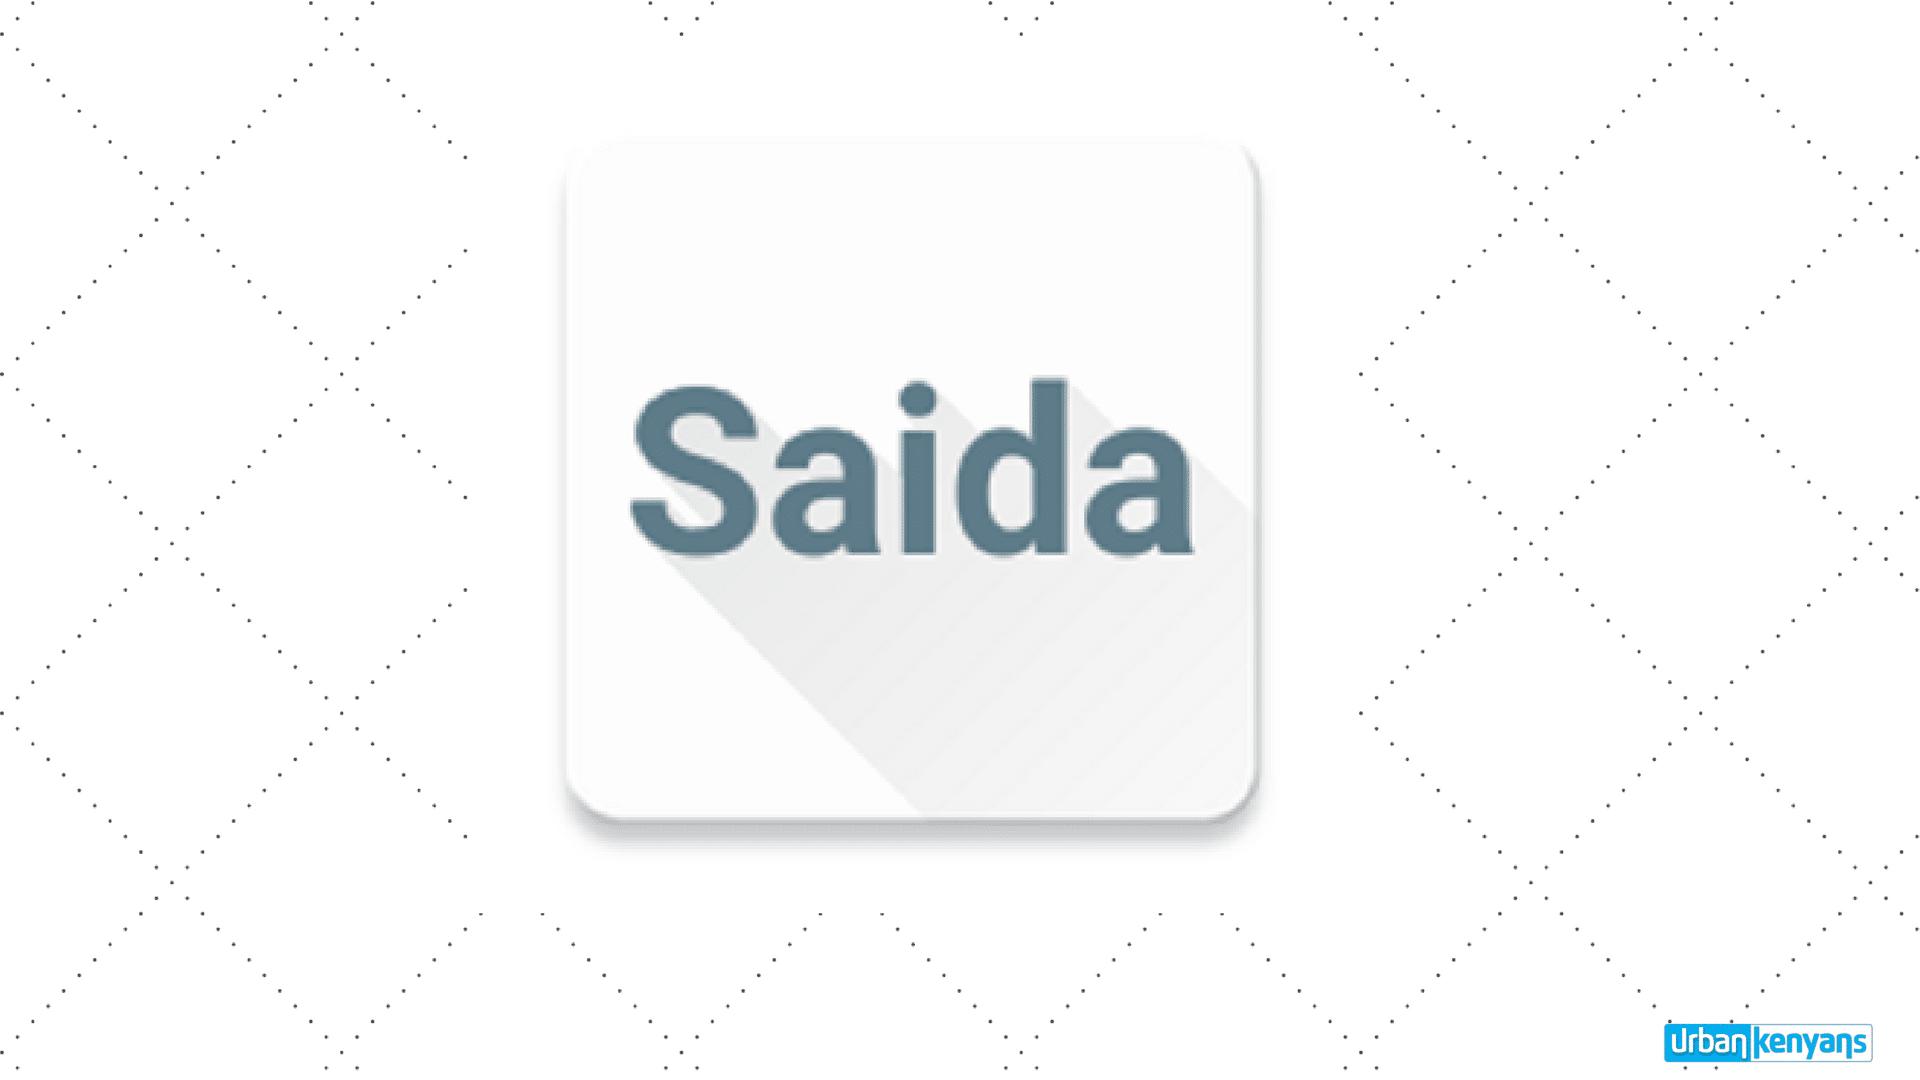 Saida Loan